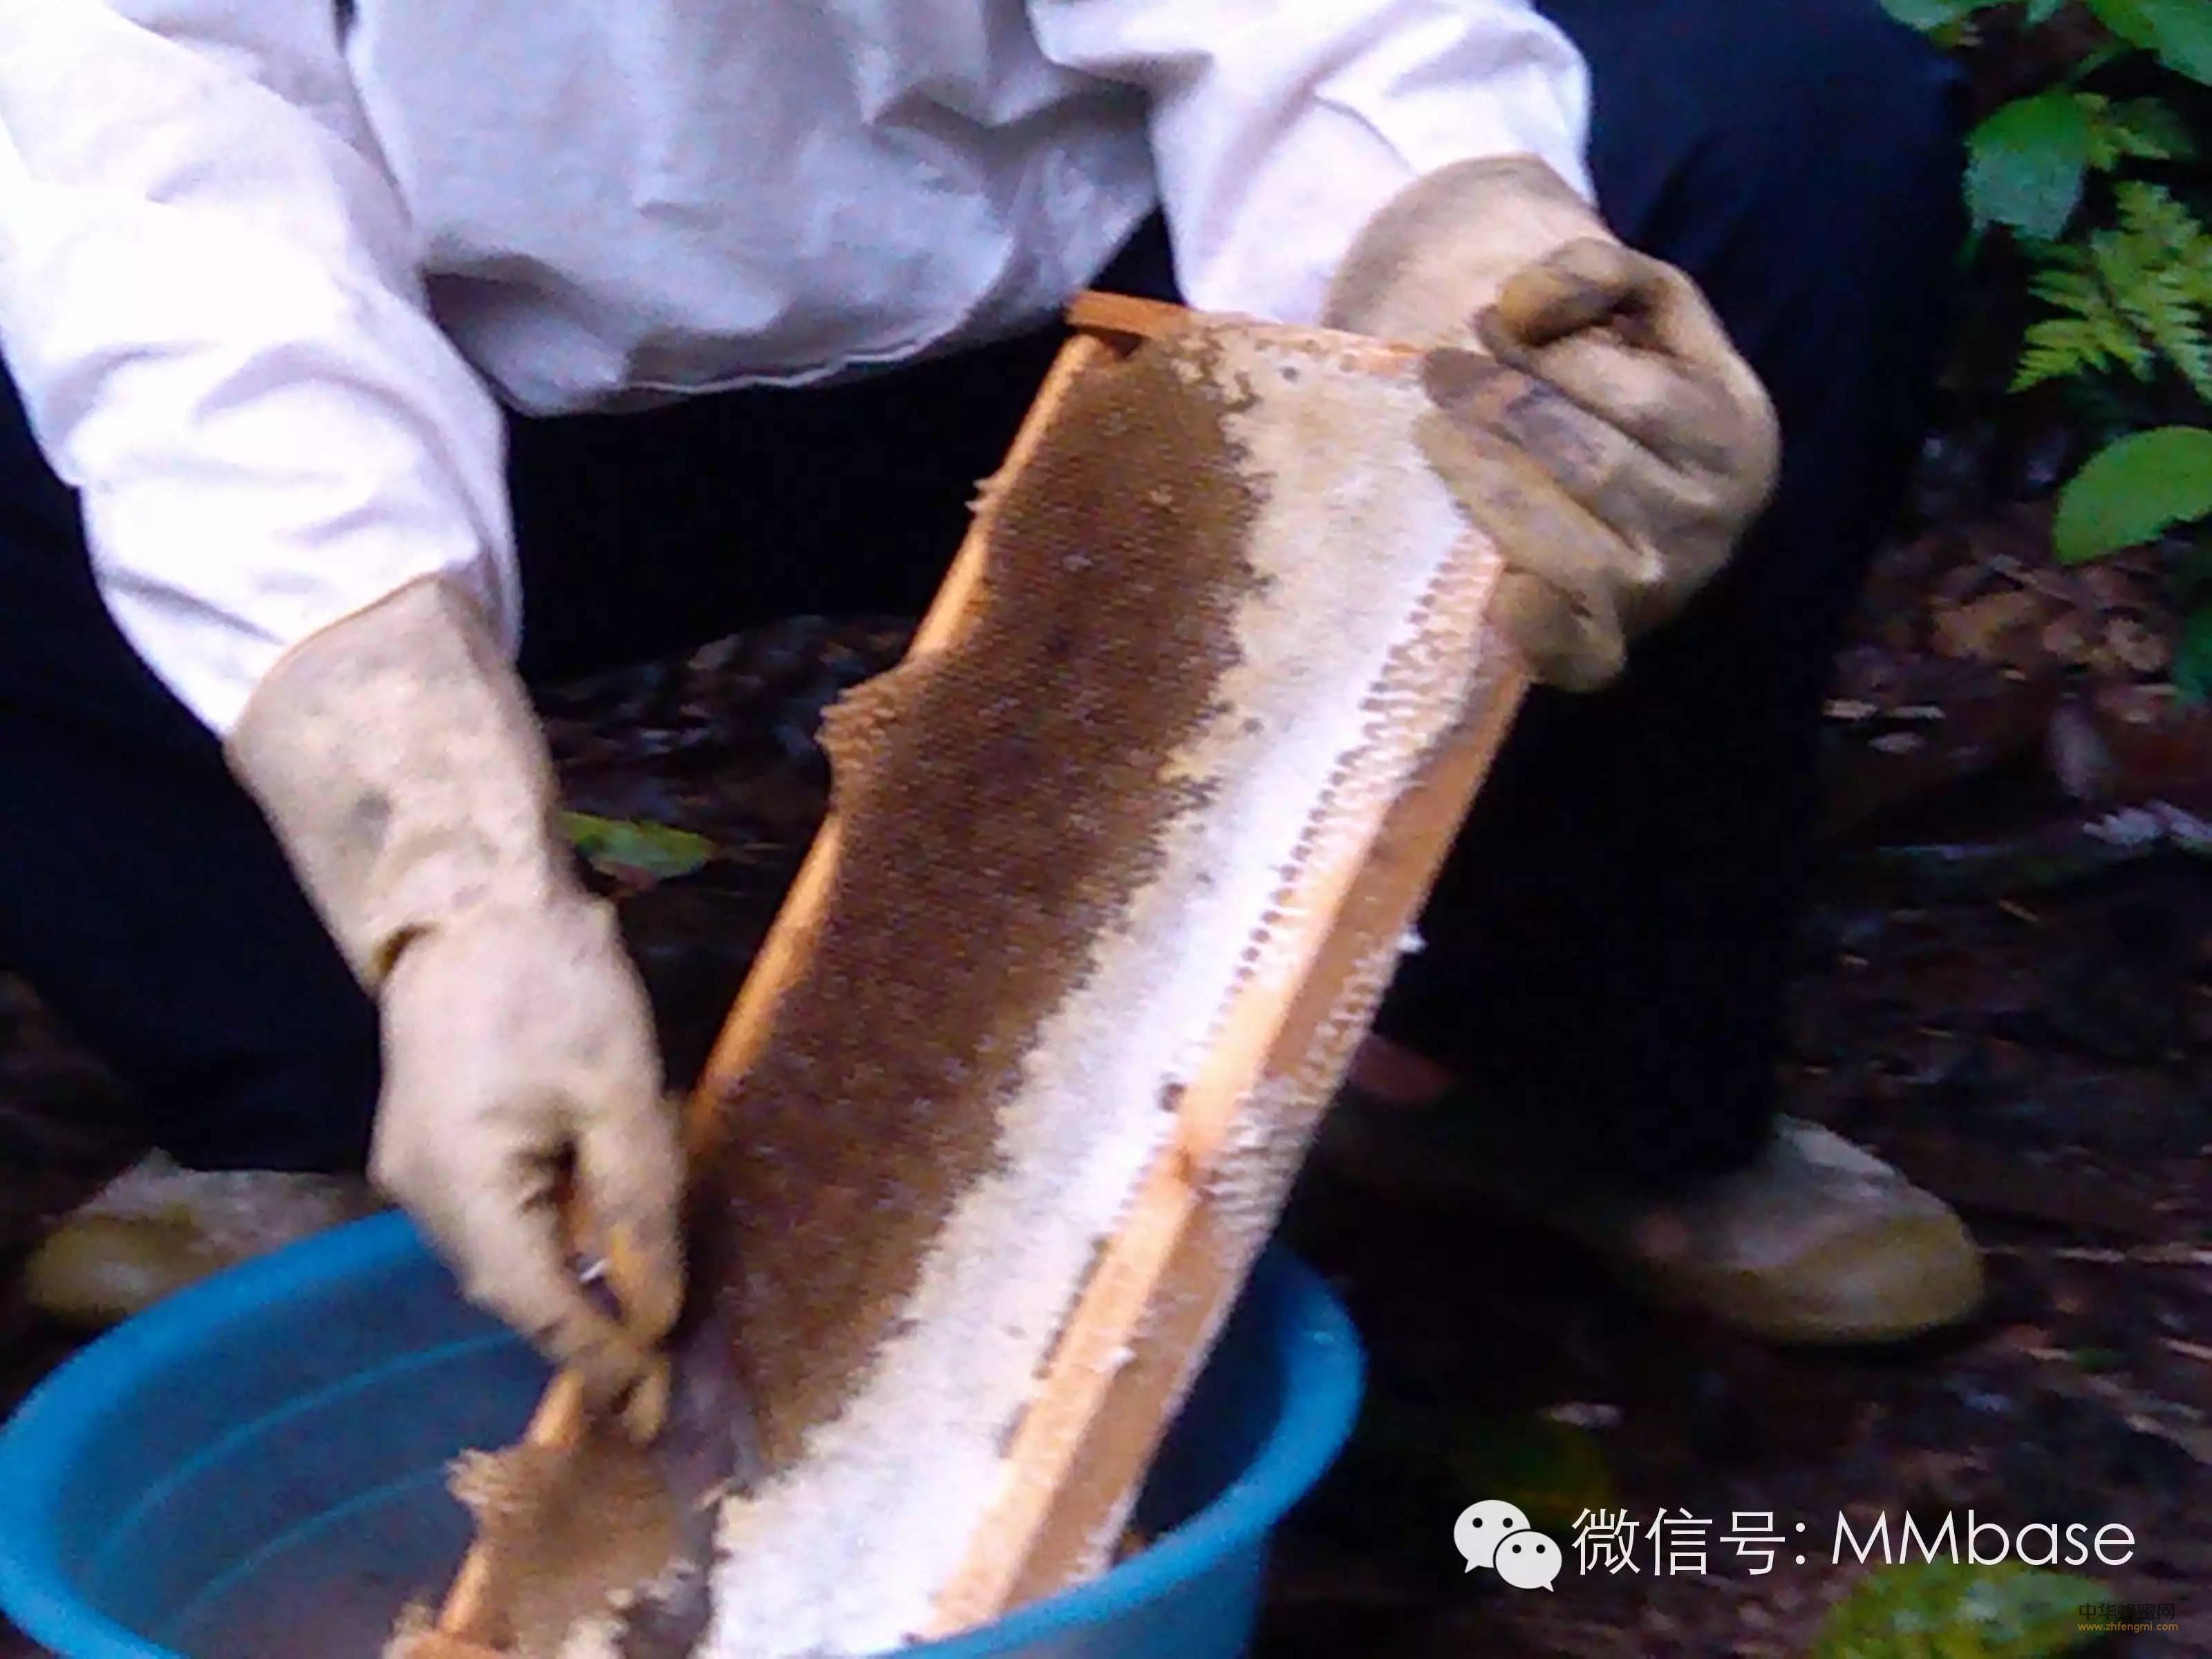 原来猫哥家的蜂蜜是那样卖的!